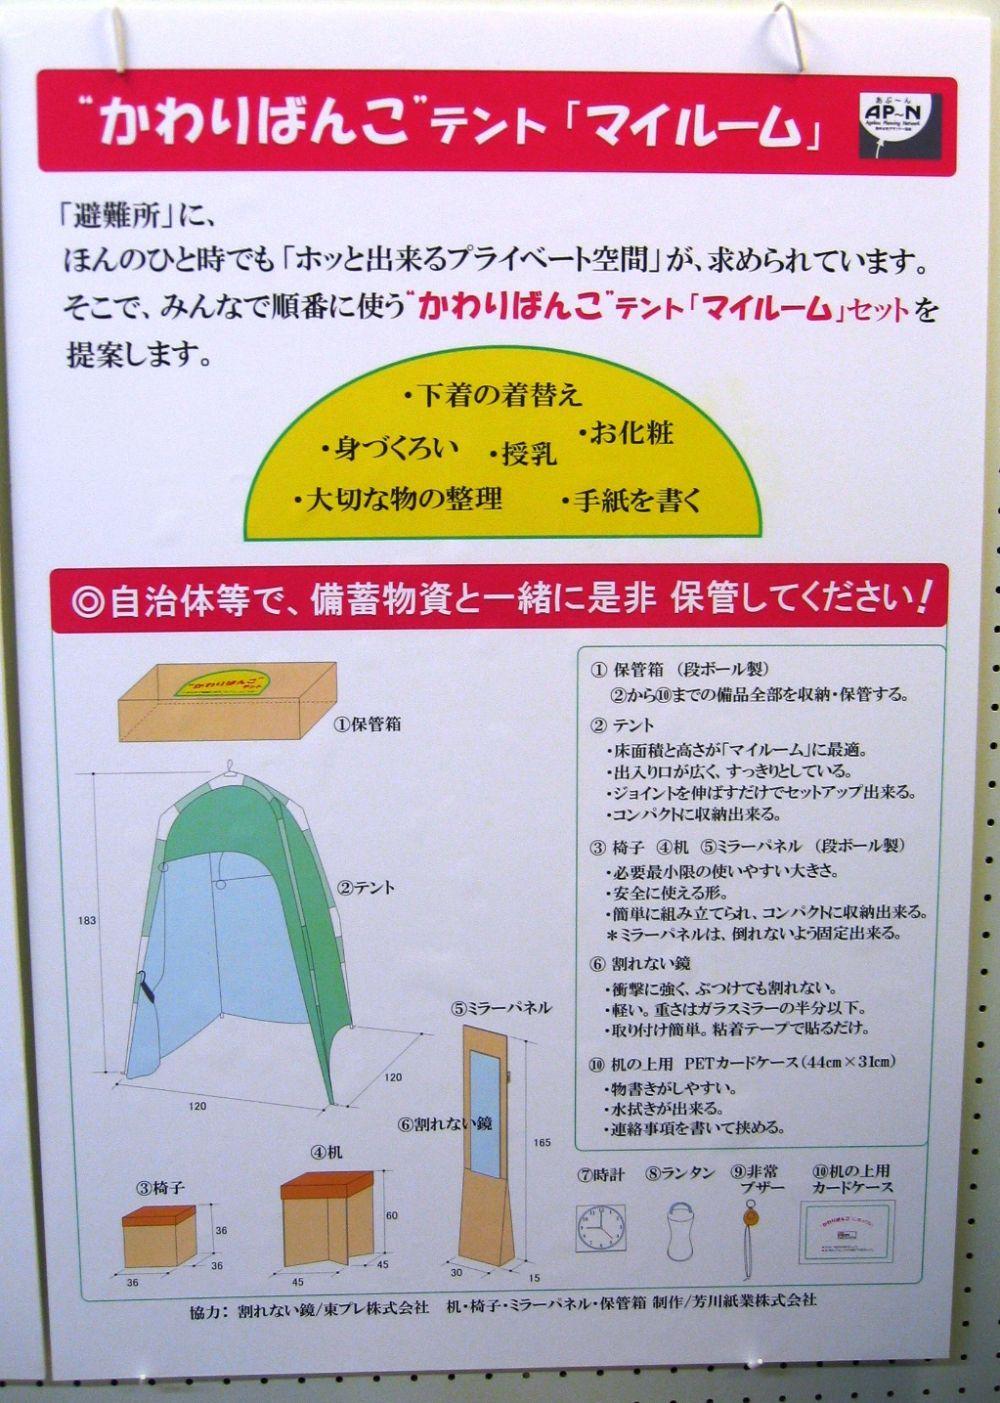 かわりばんこテントの提案パネル